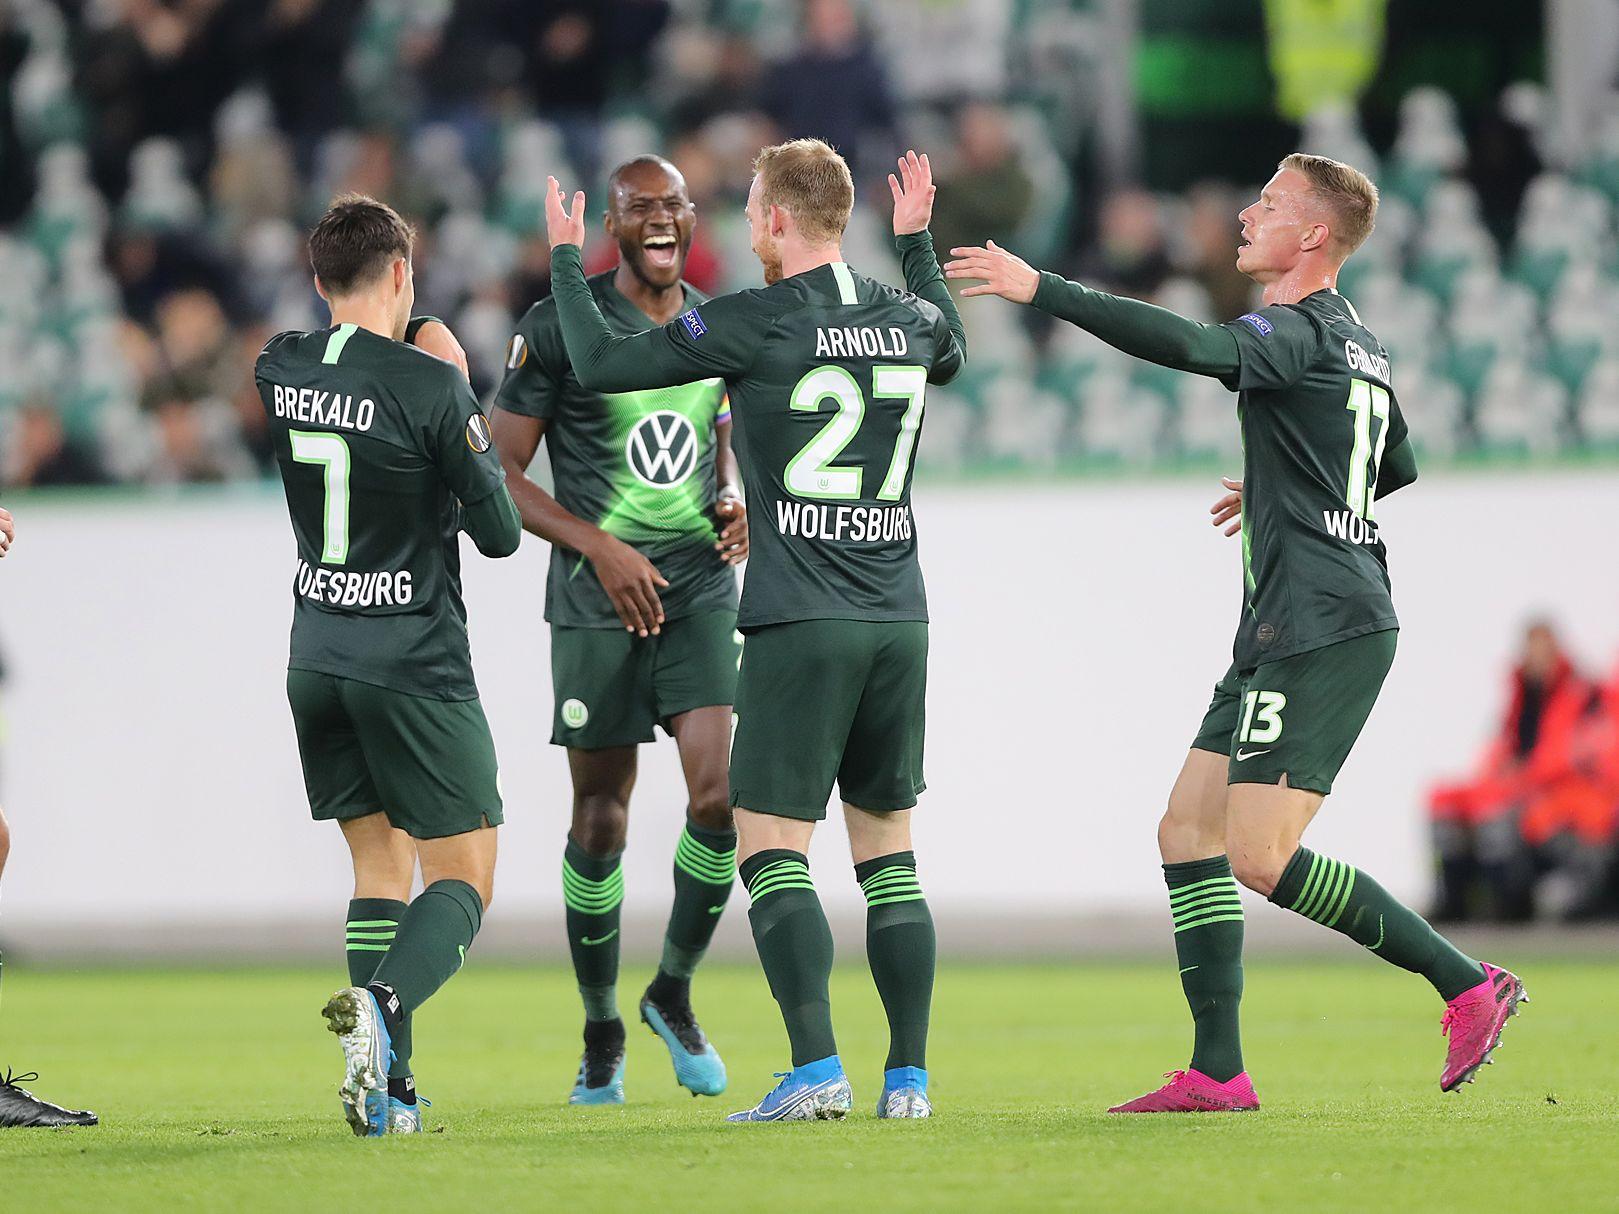 Freude pur: Wolfsburger Spieler bejubeln einen ihrer Treffer.